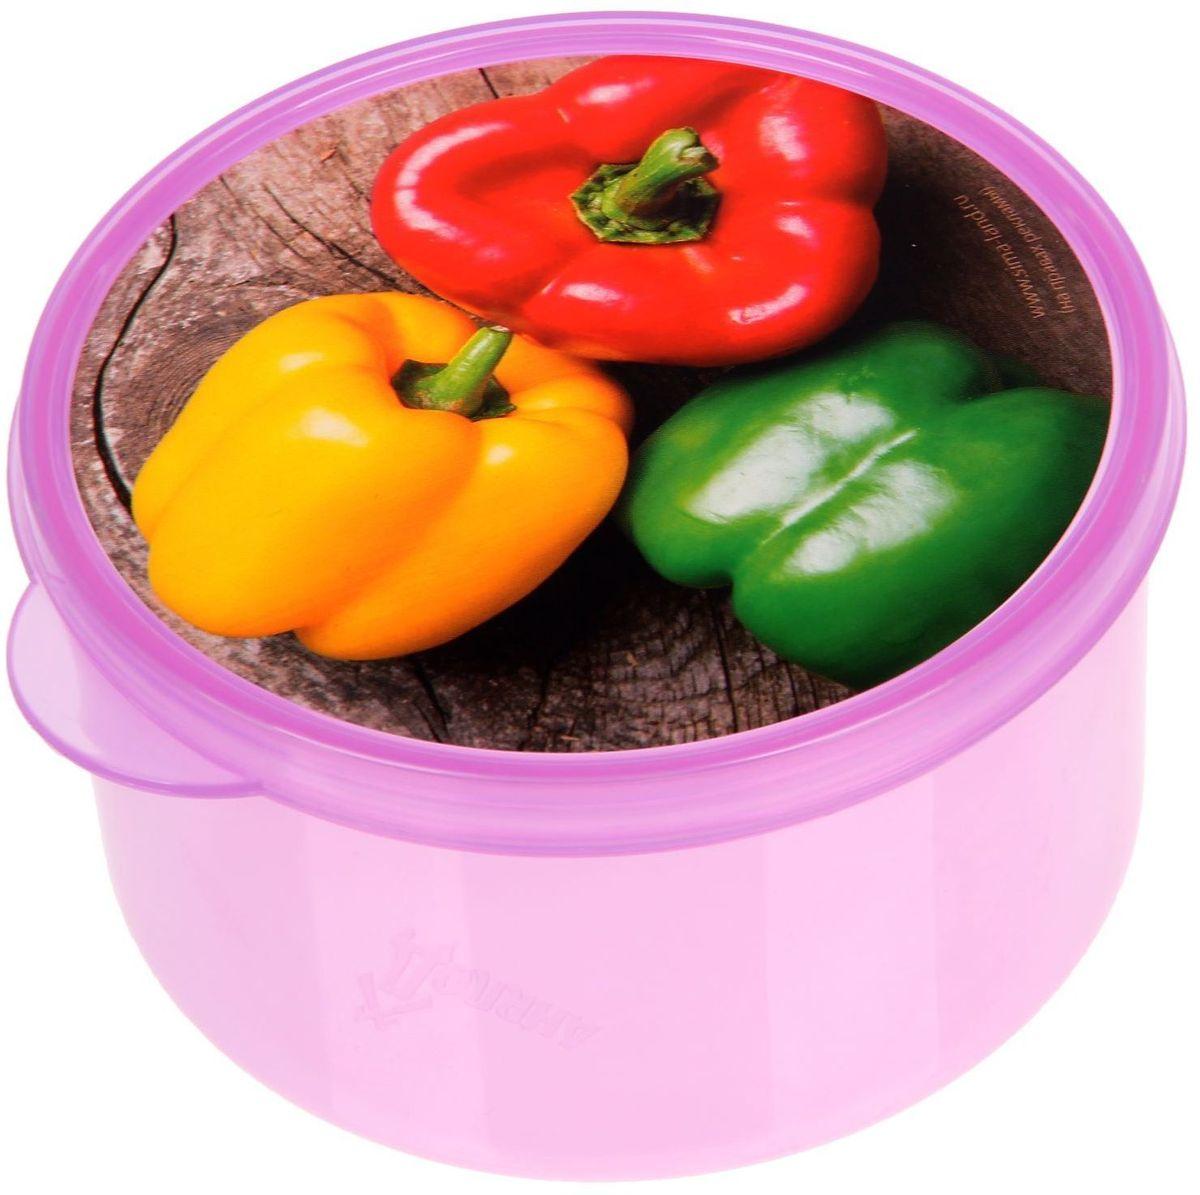 Ланч-бокс Доляна Перчики, круглый, 500 мл1699867Ланч-бокс Доляна изготовлен из прочного пищевого пластика. В комплекте прилагается крышка подходящего размера, которая плотно и надежно закрывается и упрощает процесс транспортировки. Такой контейнер является незаменимым предметом кухонной утвари, ведь у него много преимуществ: Простота ухода. Ланч-бокс достаточно промыть теплой водой с небольшим количеством чистящего средства. Вместительность. Изделие позволяет разместить разнообразные продукты от сахара до супов. Эргономичность. Ланч-боксы очень легко хранить даже в самой маленькой кухне, так как их можно поставить один в другой по принципу матрешки. Многофункциональность. Он пригодится, если после вкусного обеда осталась еда, а насладиться трапезой хочется и на следующий день. Можно использовать не только на кухне, но и для хранения различных бытовых предметов, а также брать с собой еду на работу или учебу. Не использовать пластиковые контейнеры в духовых шкафах и на открытом огне, а также не разогревать в микроволновых печах при закрытой крышке ланч-бокса.